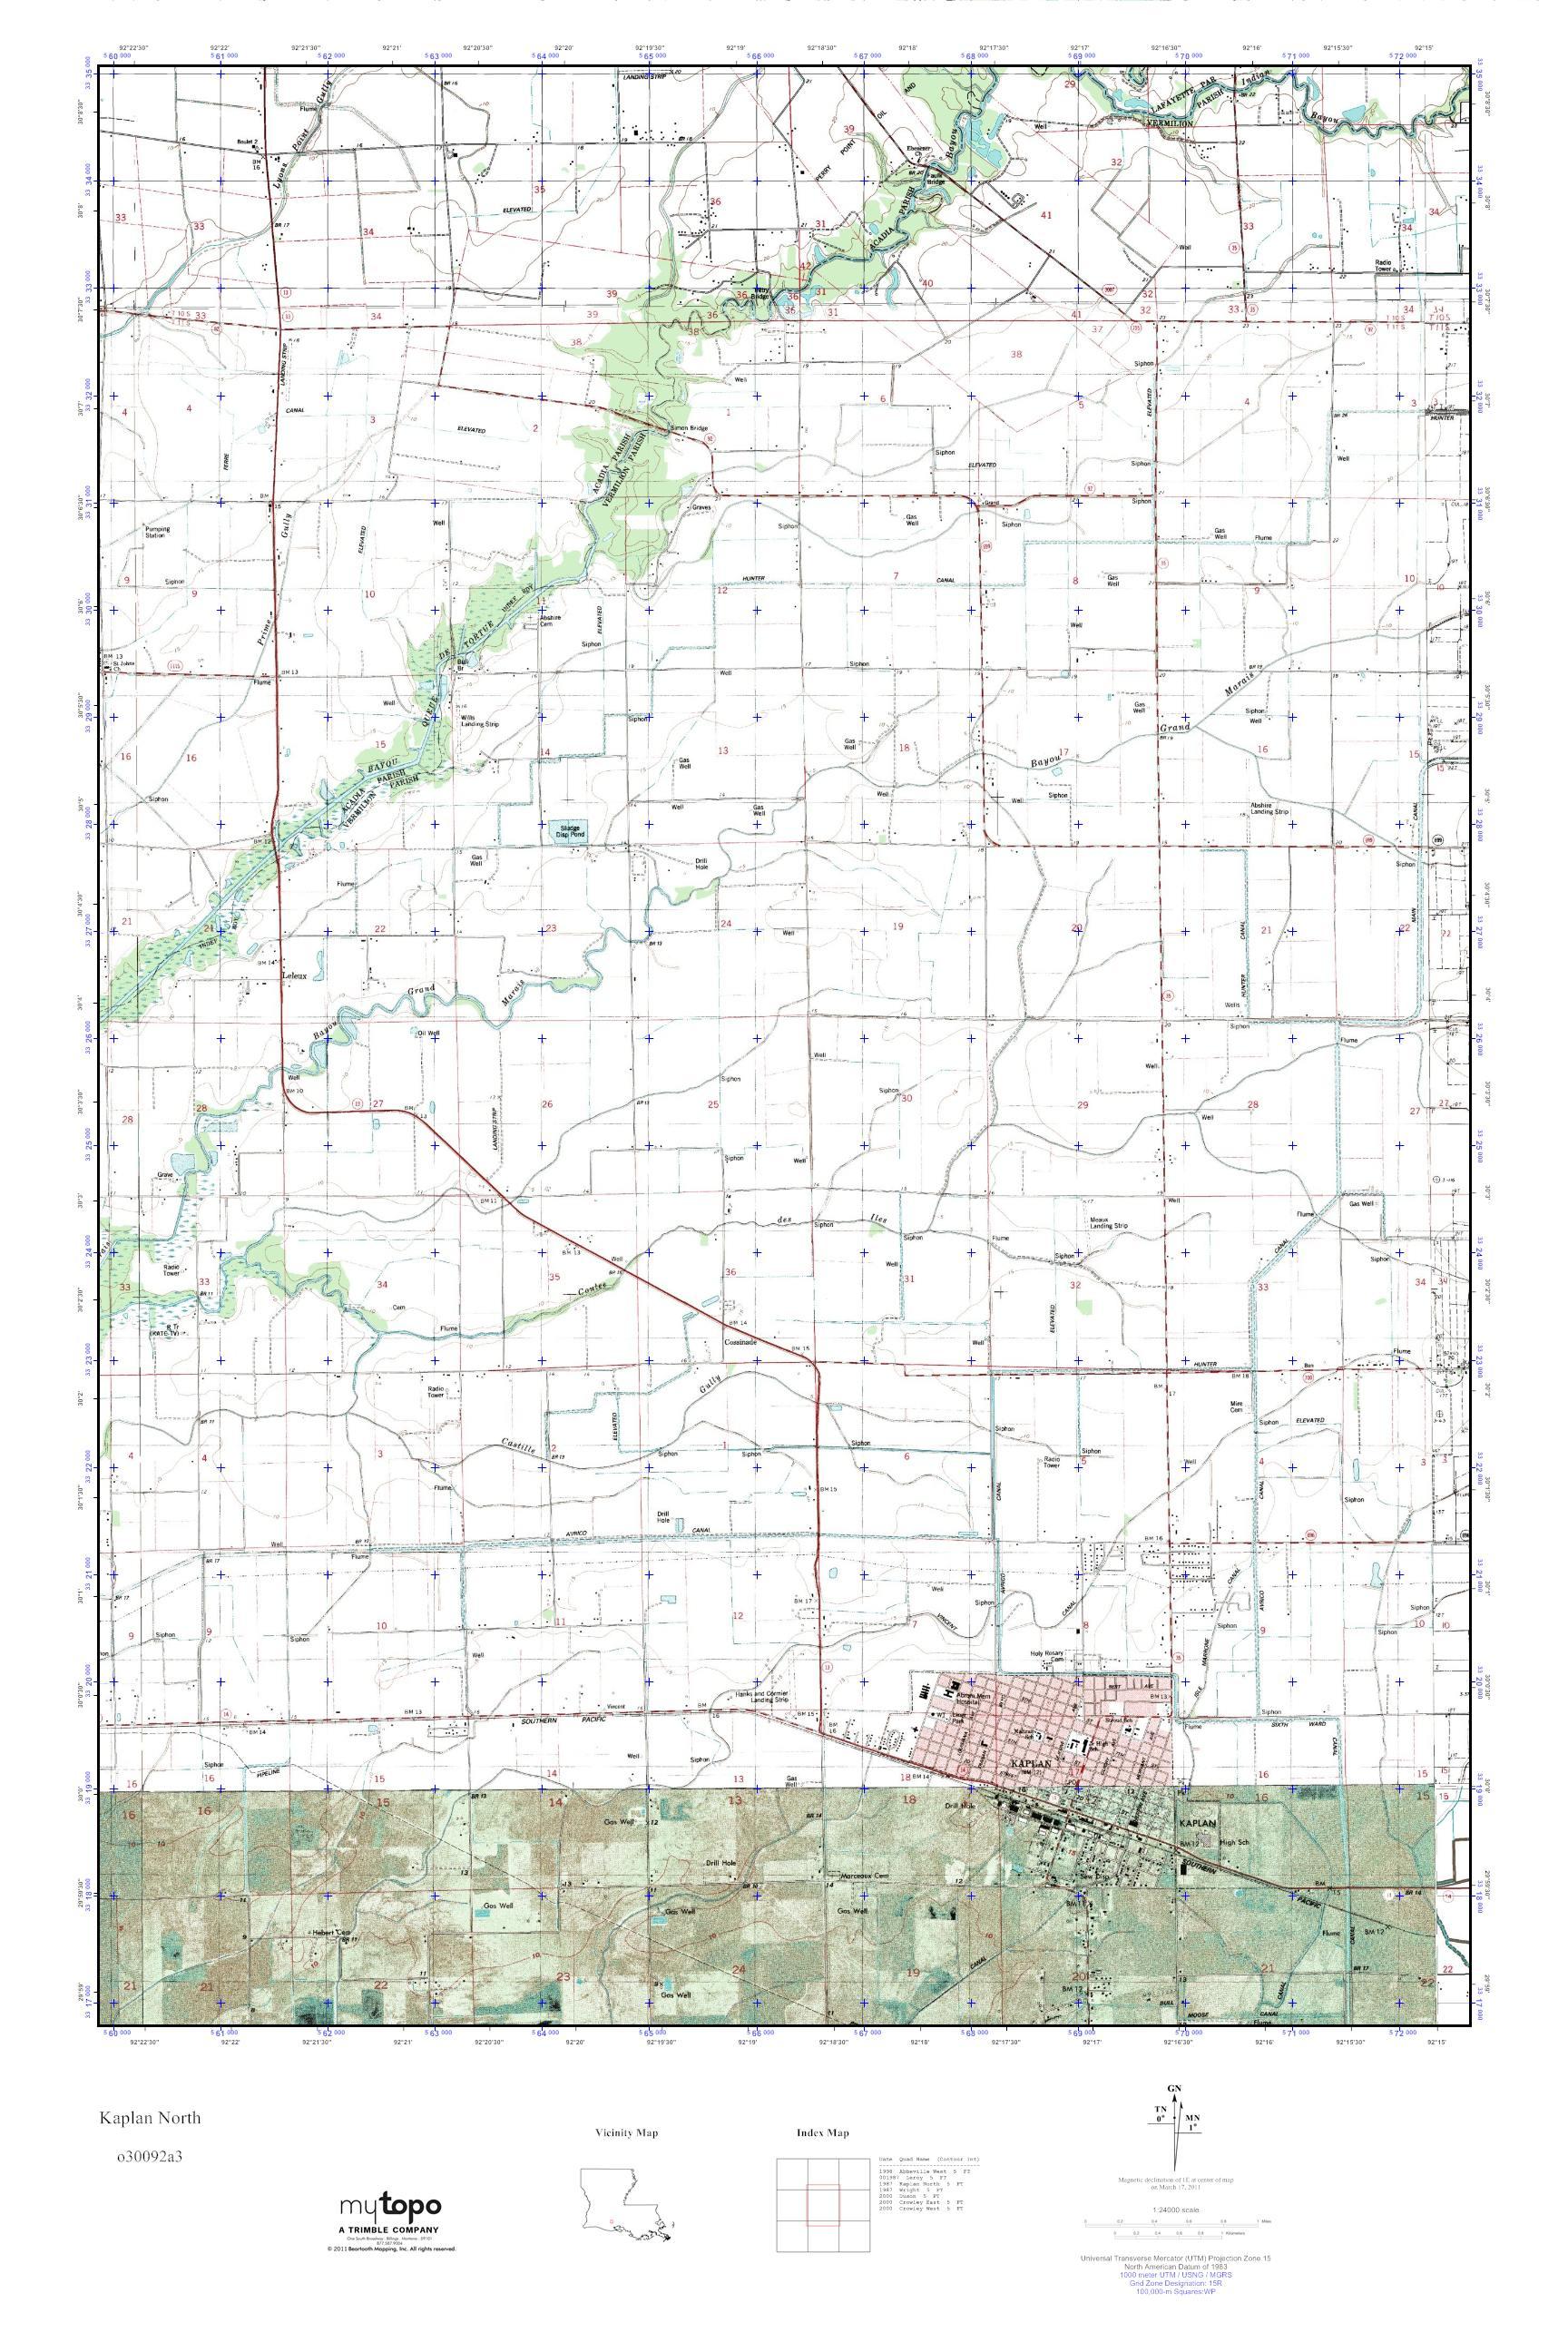 North Louisiana Map.Mytopo Kaplan North Louisiana Usgs Quad Topo Map